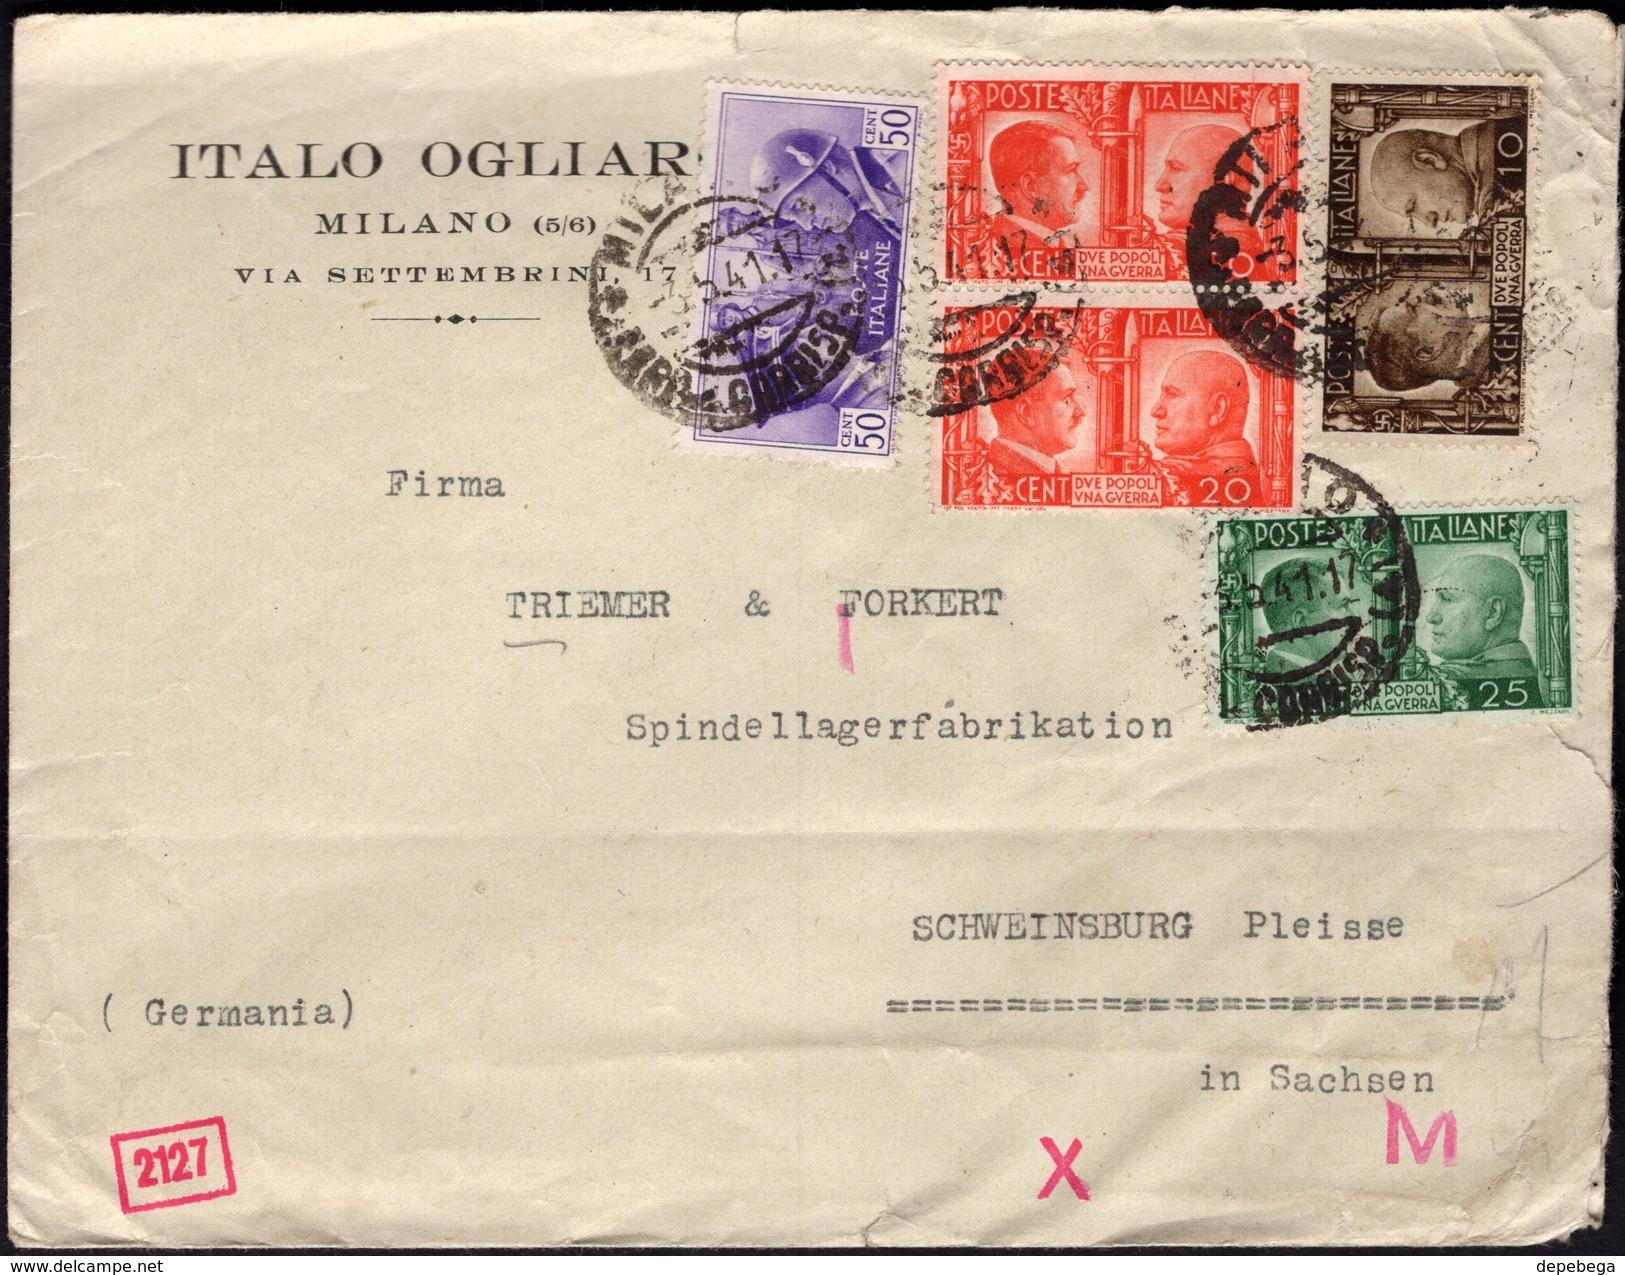 Italy - Censored Cover, 'ITALO OGLIARO' - MILANO 3.5.1941 - Schweinsburg (Mi. 623-626 MiF). - Storia Postale